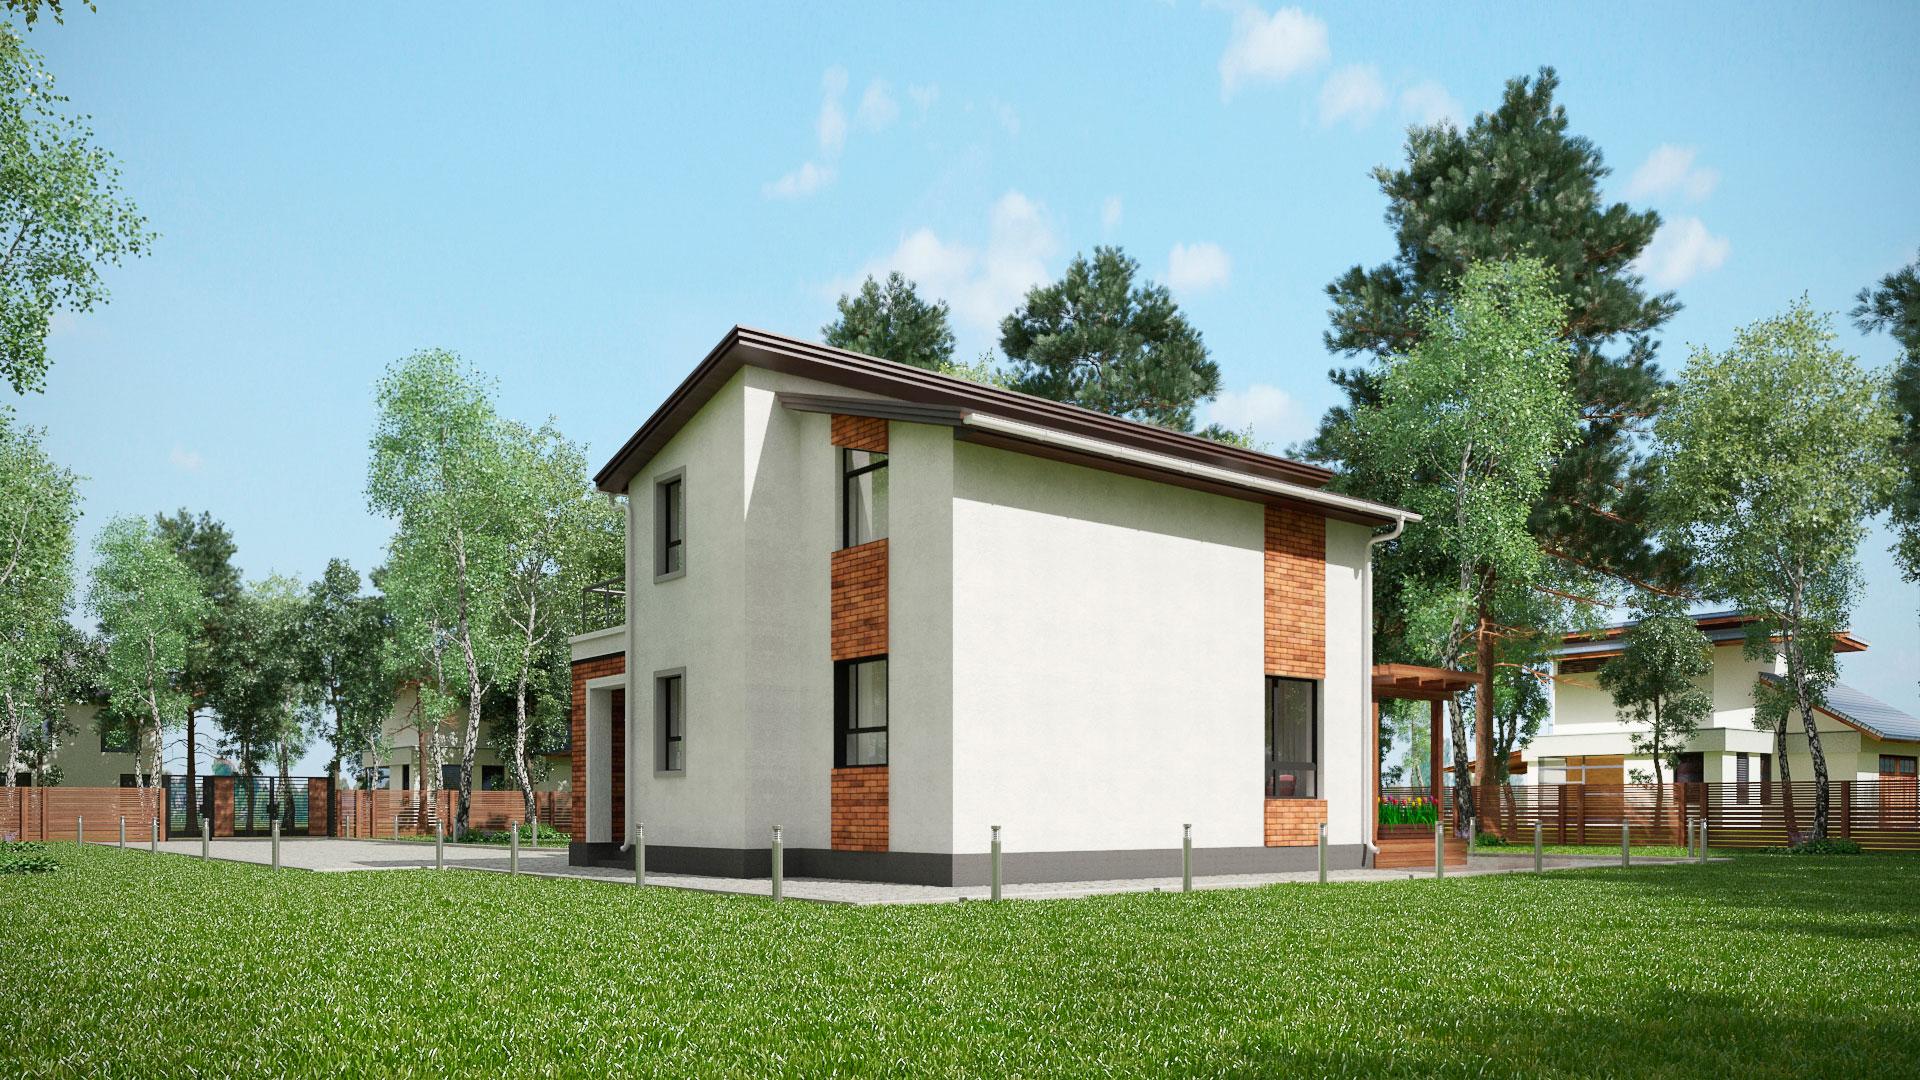 Задний и боковой фасады двухэтажного дома БЭНПАН, проект МС-202.